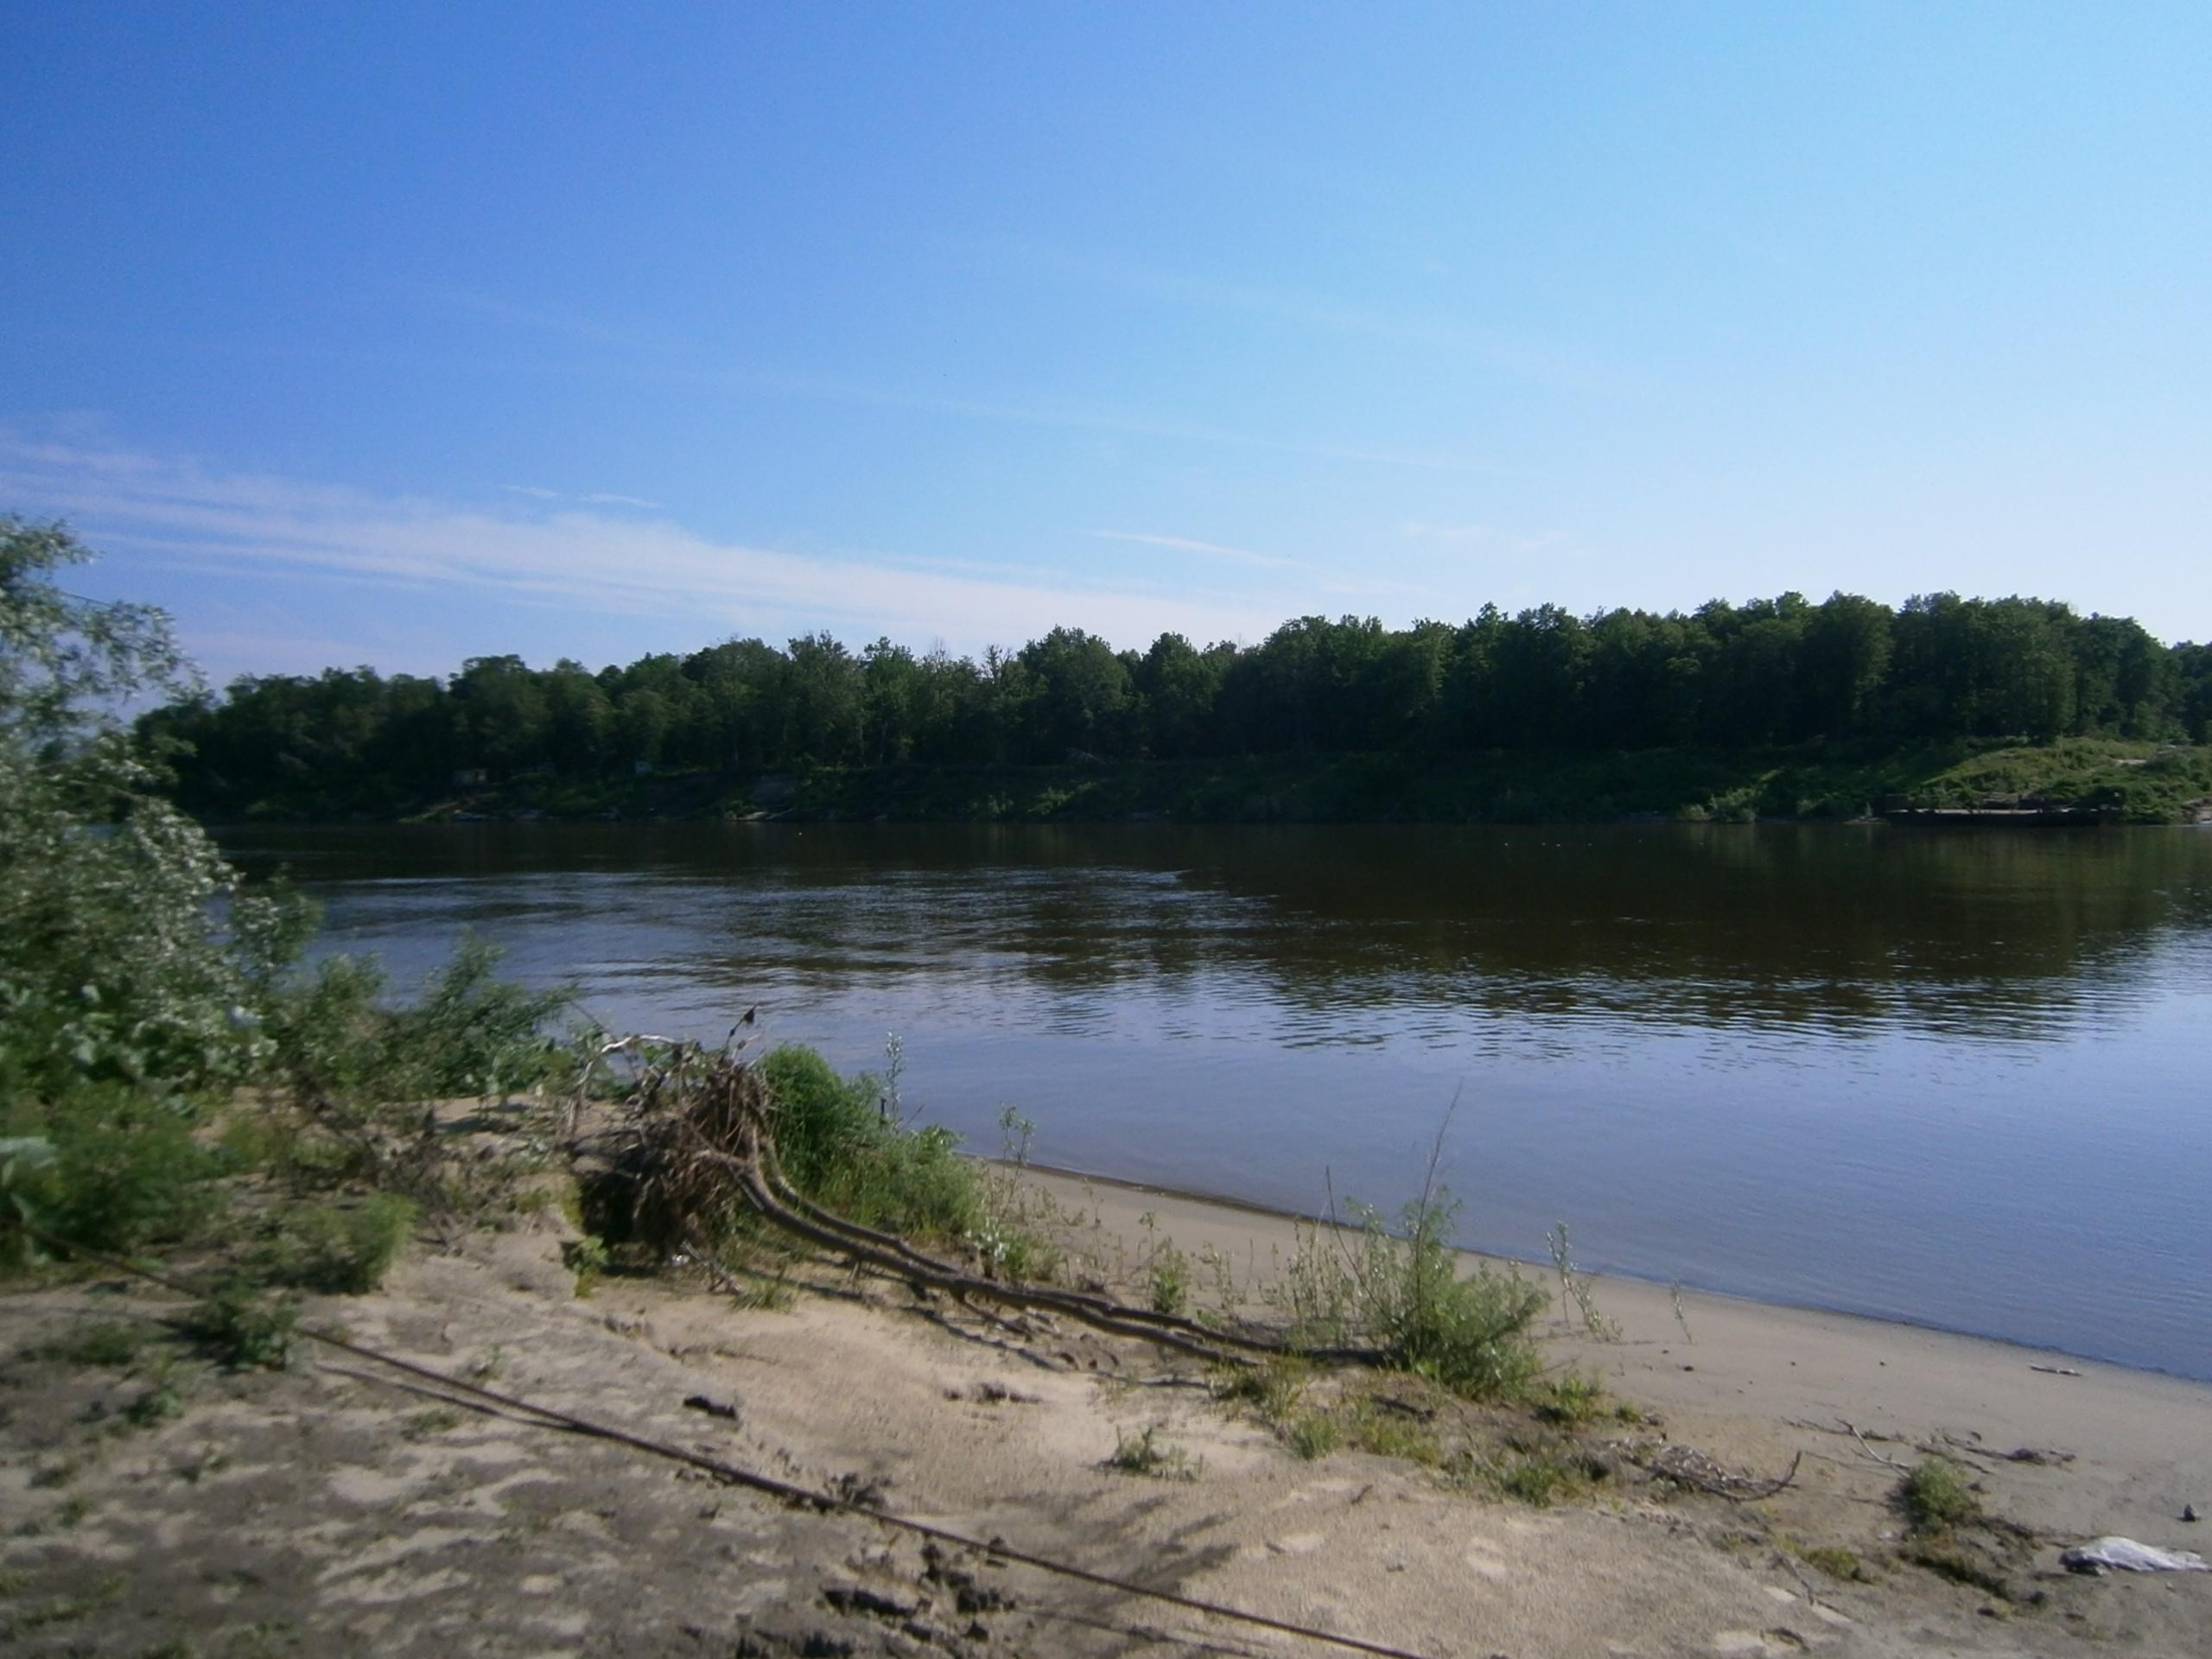 Бровка и другие загадки речных глубин